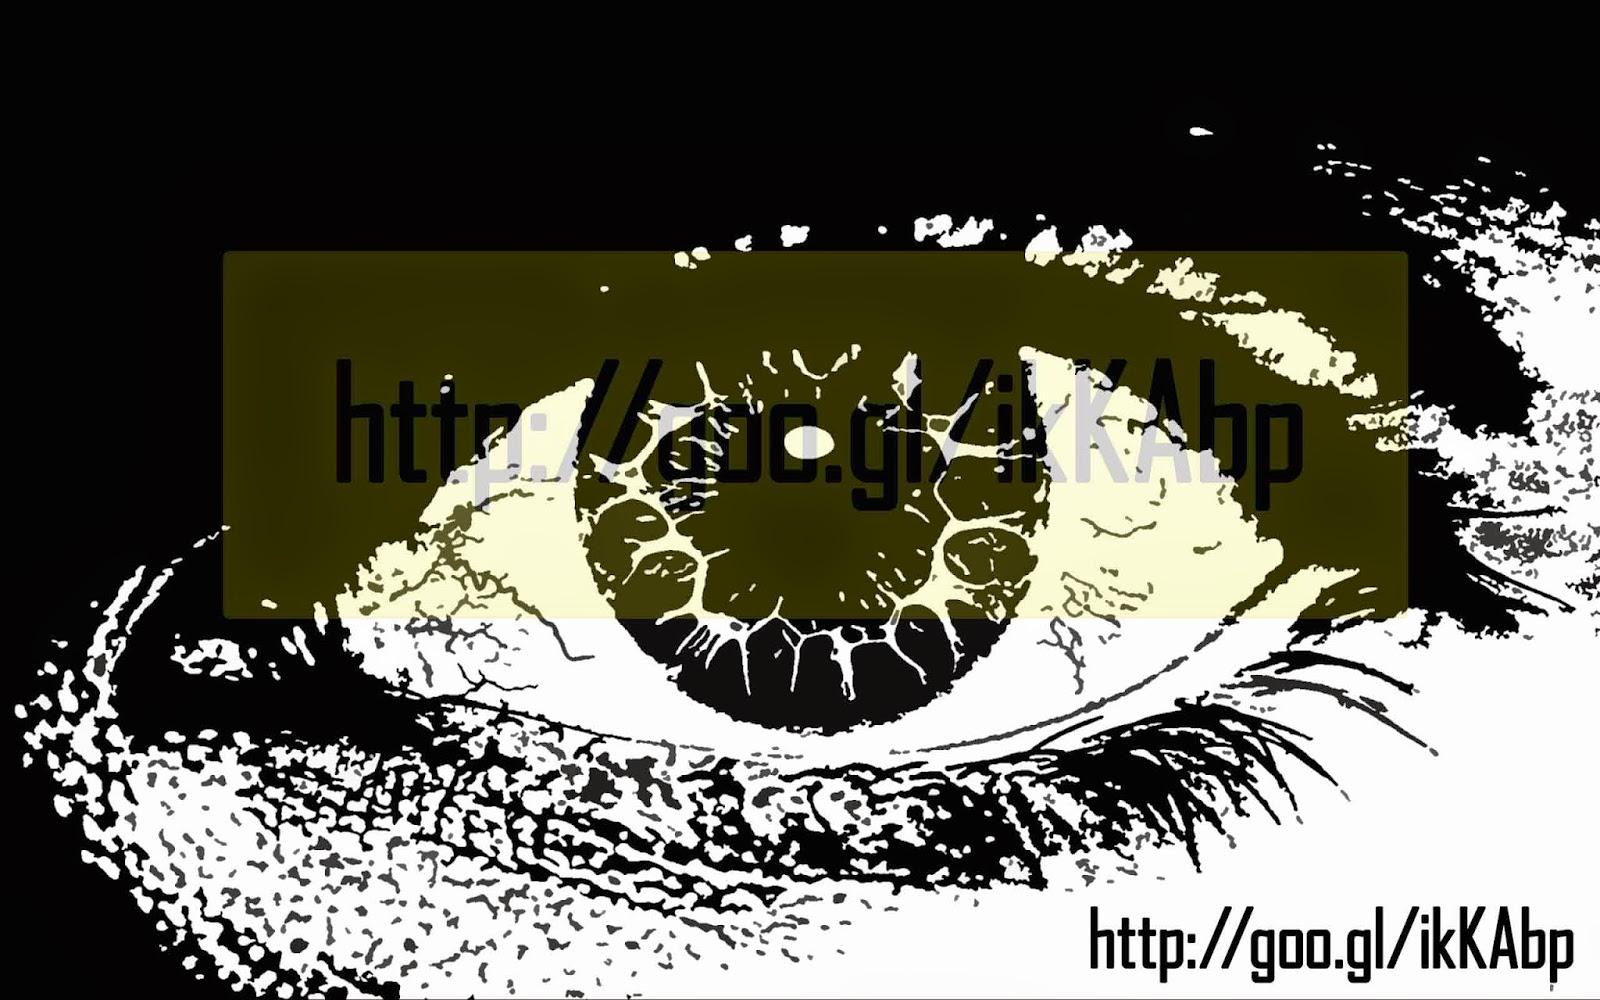 Download Graffiti Eye Stencil